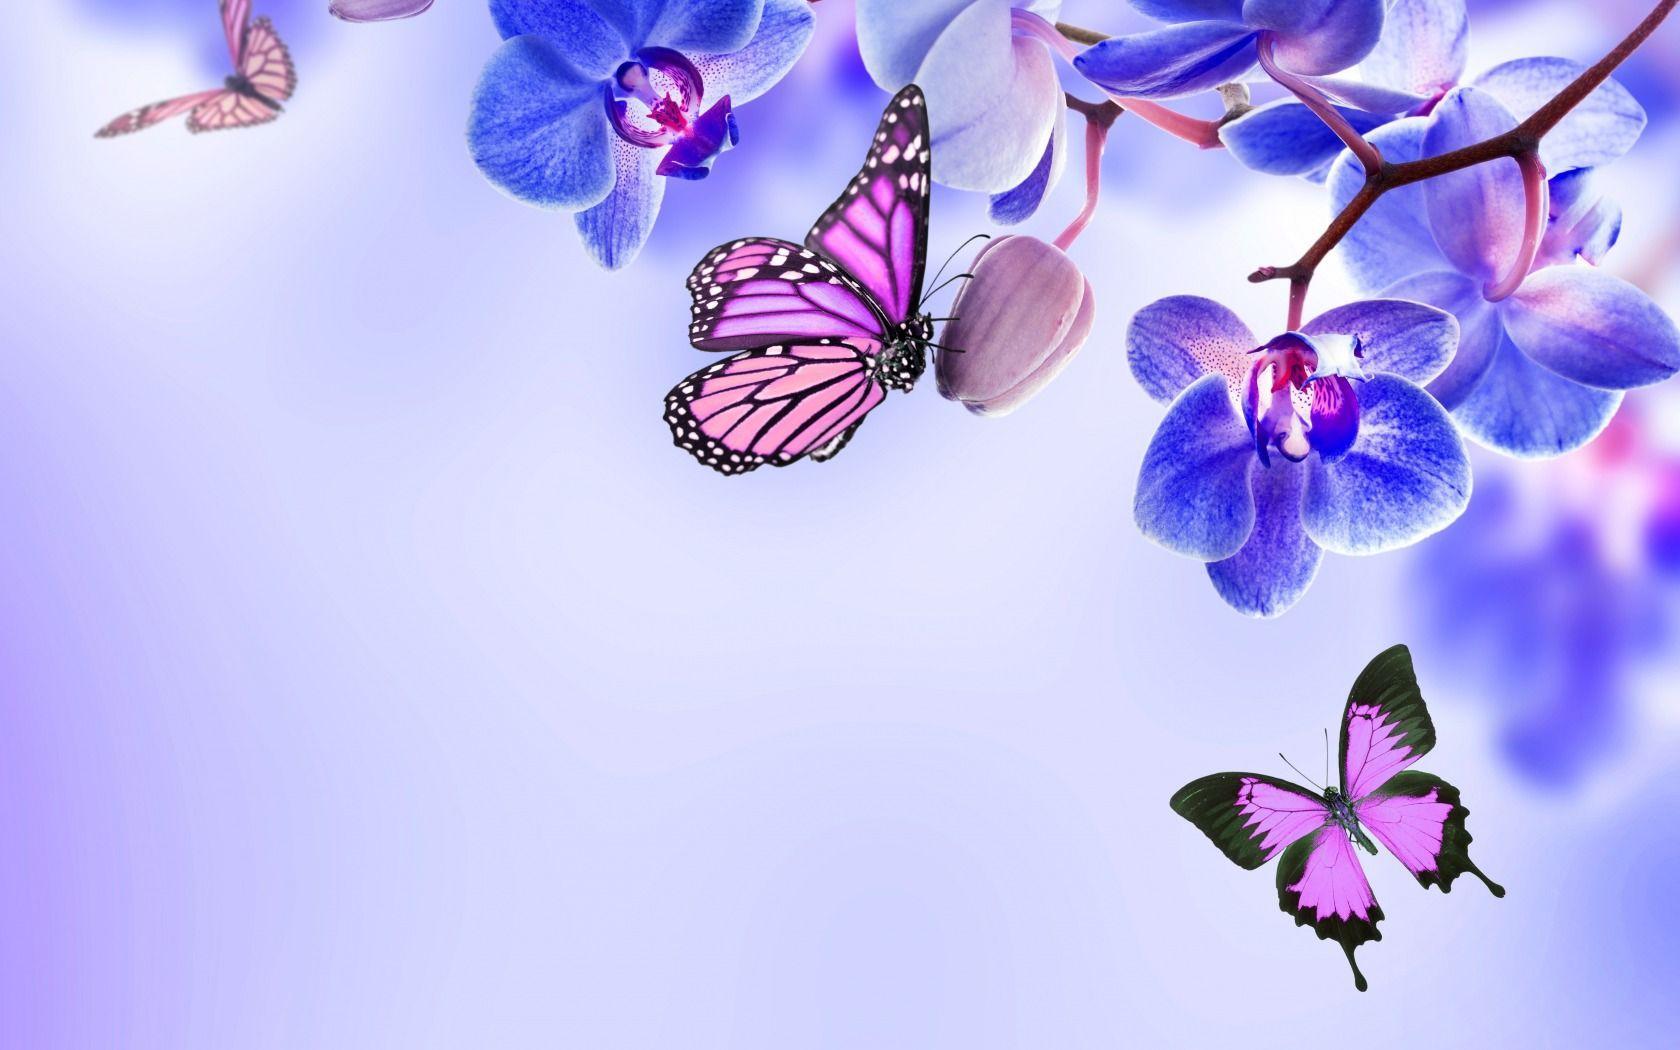 Beautiful Butterflies Wallpapers - Wallpaper Cave